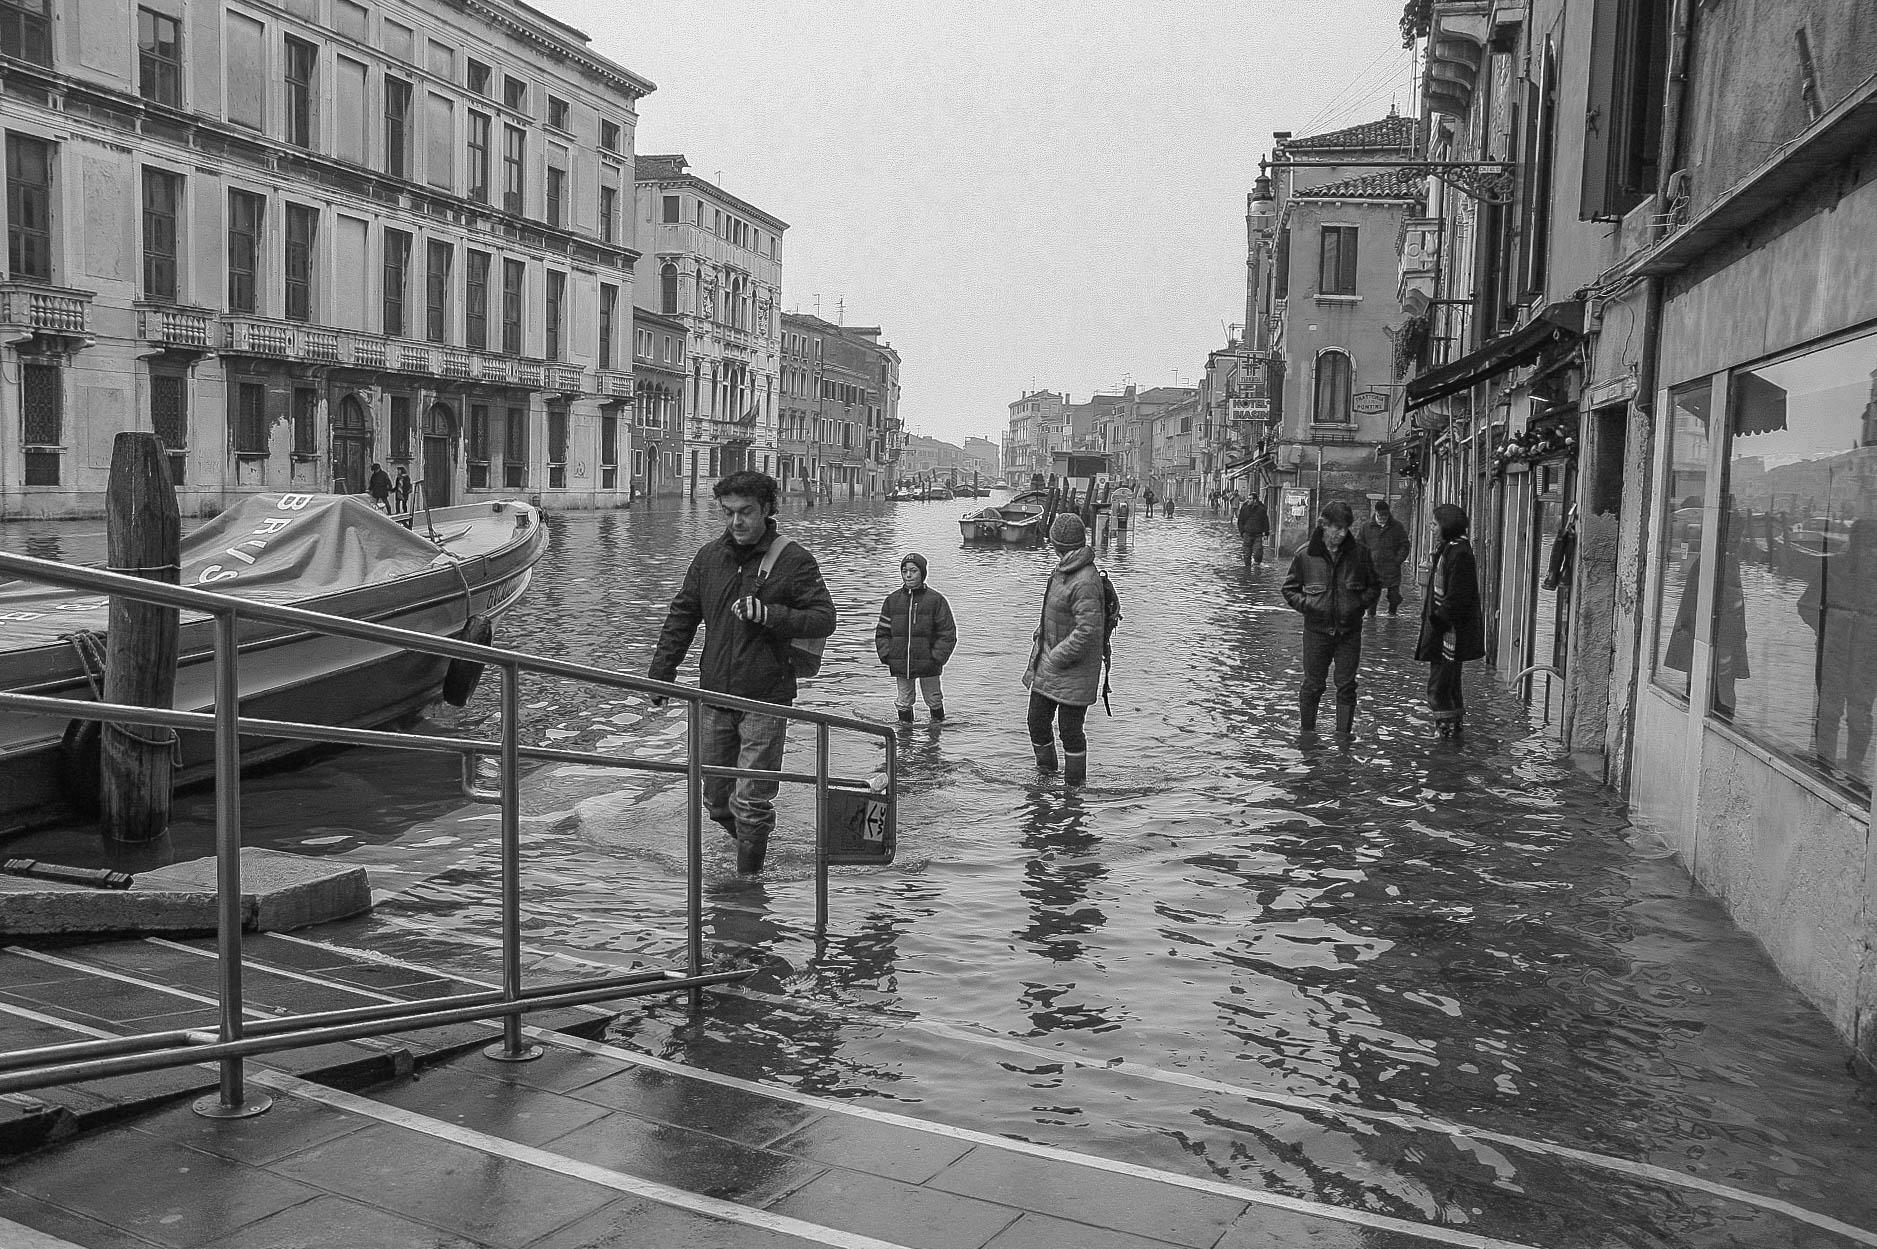 [ФОТОПРЕМИЯ] Обычная высокая вода в Венеции